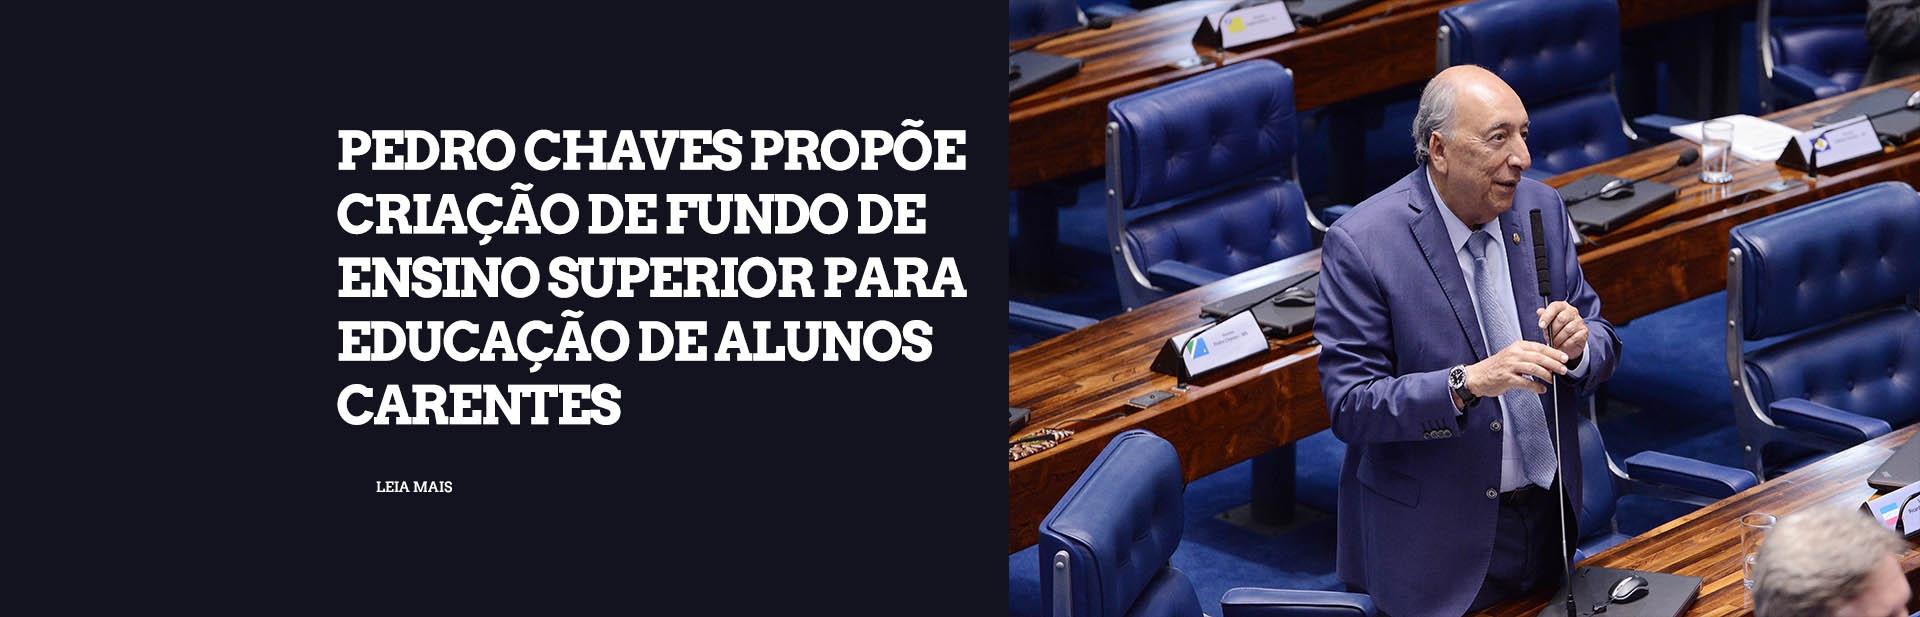 Pedro Chaves propõe criação de fundo de ensino superior para educação de alunos carentes